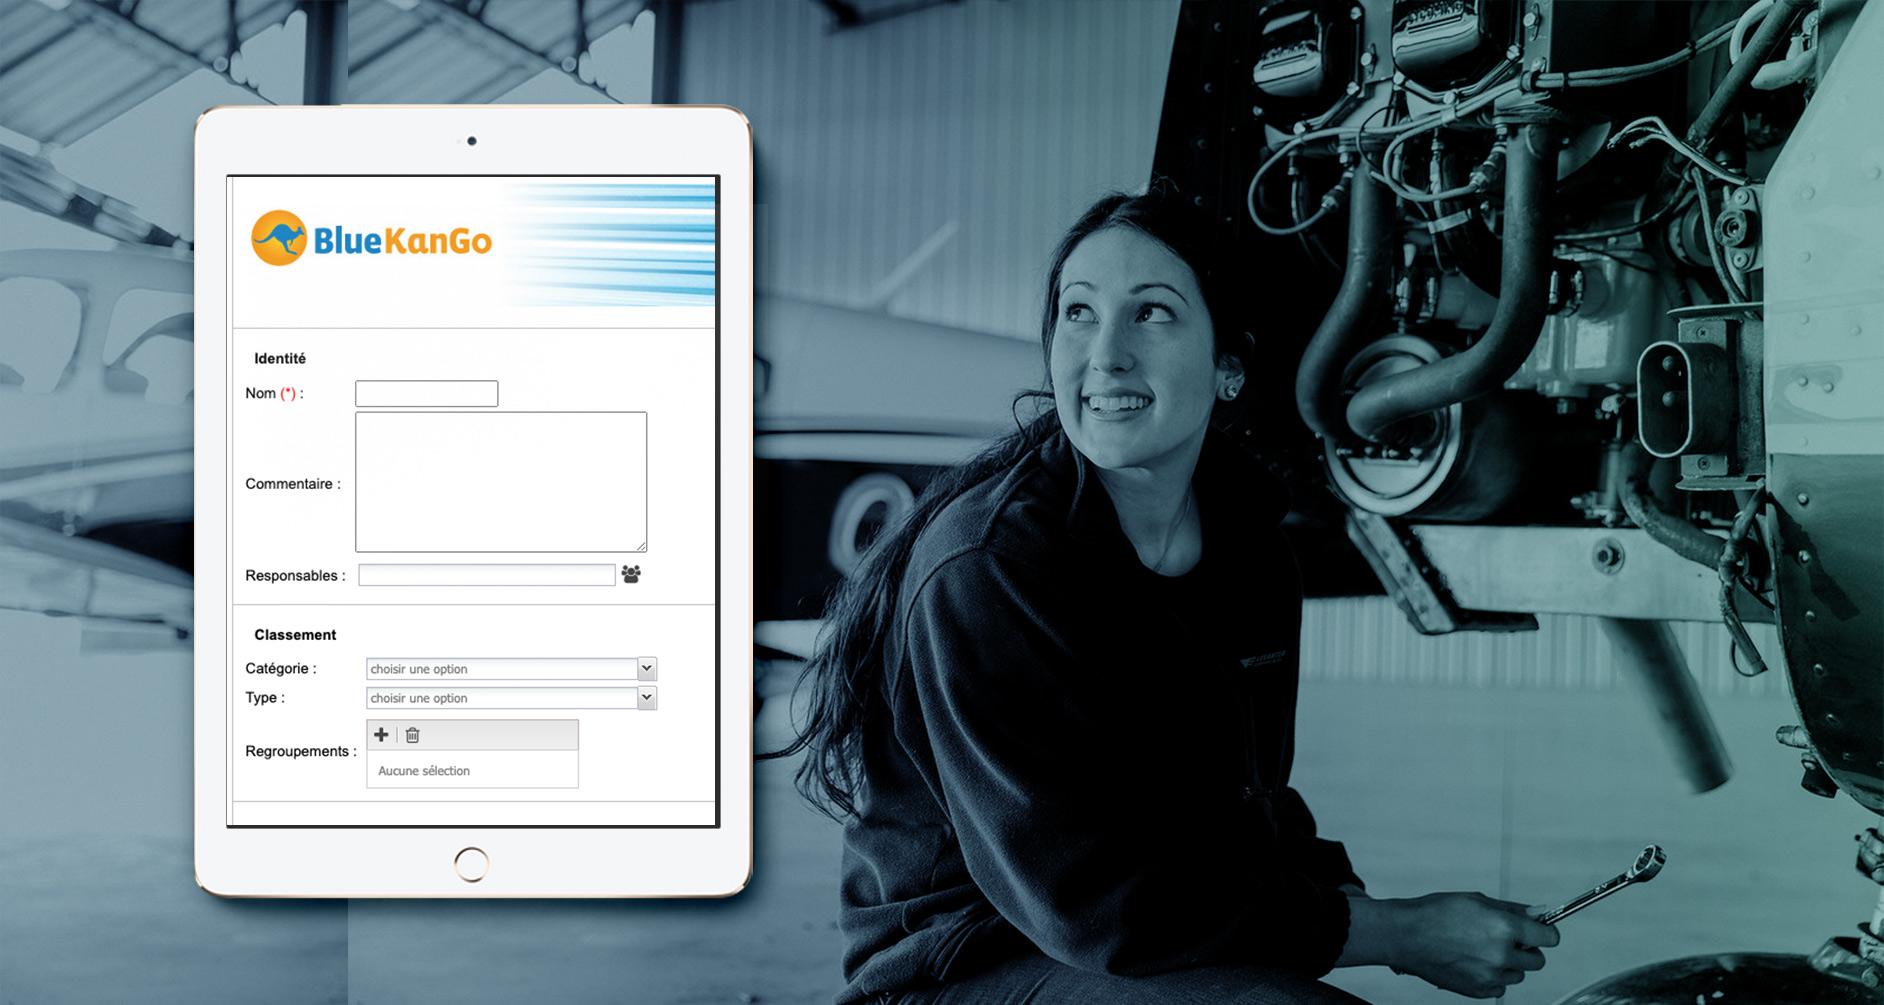 Aperçu mobile de la saisie d'élément sur la gestion de maintenance (BlueKanGo)